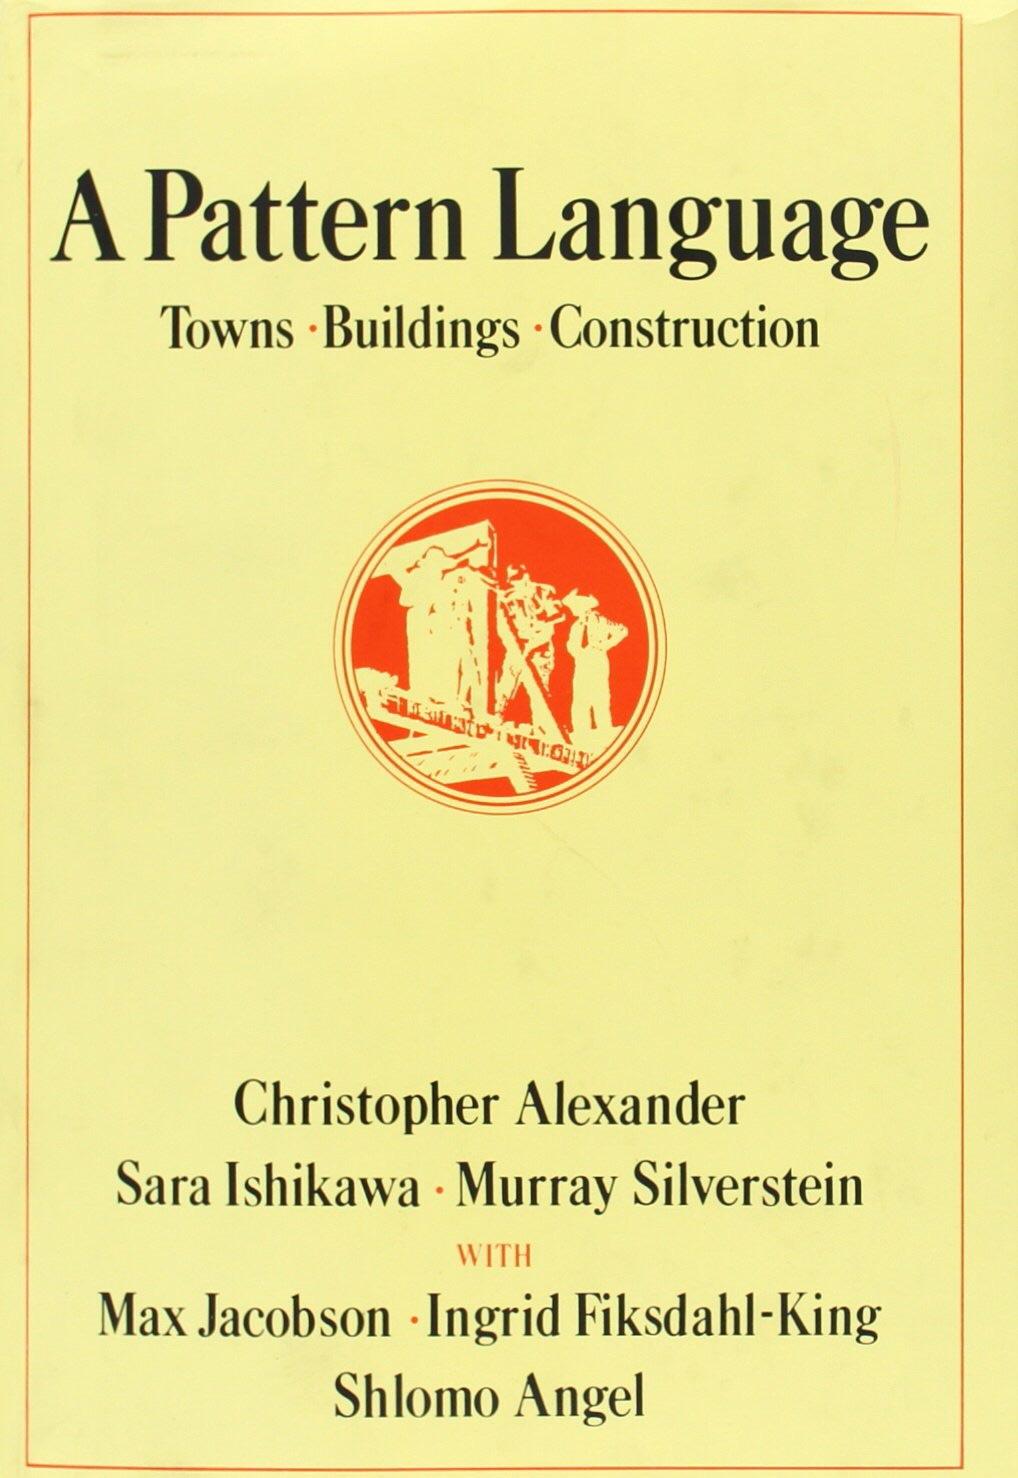 A Pattern Language.jpeg